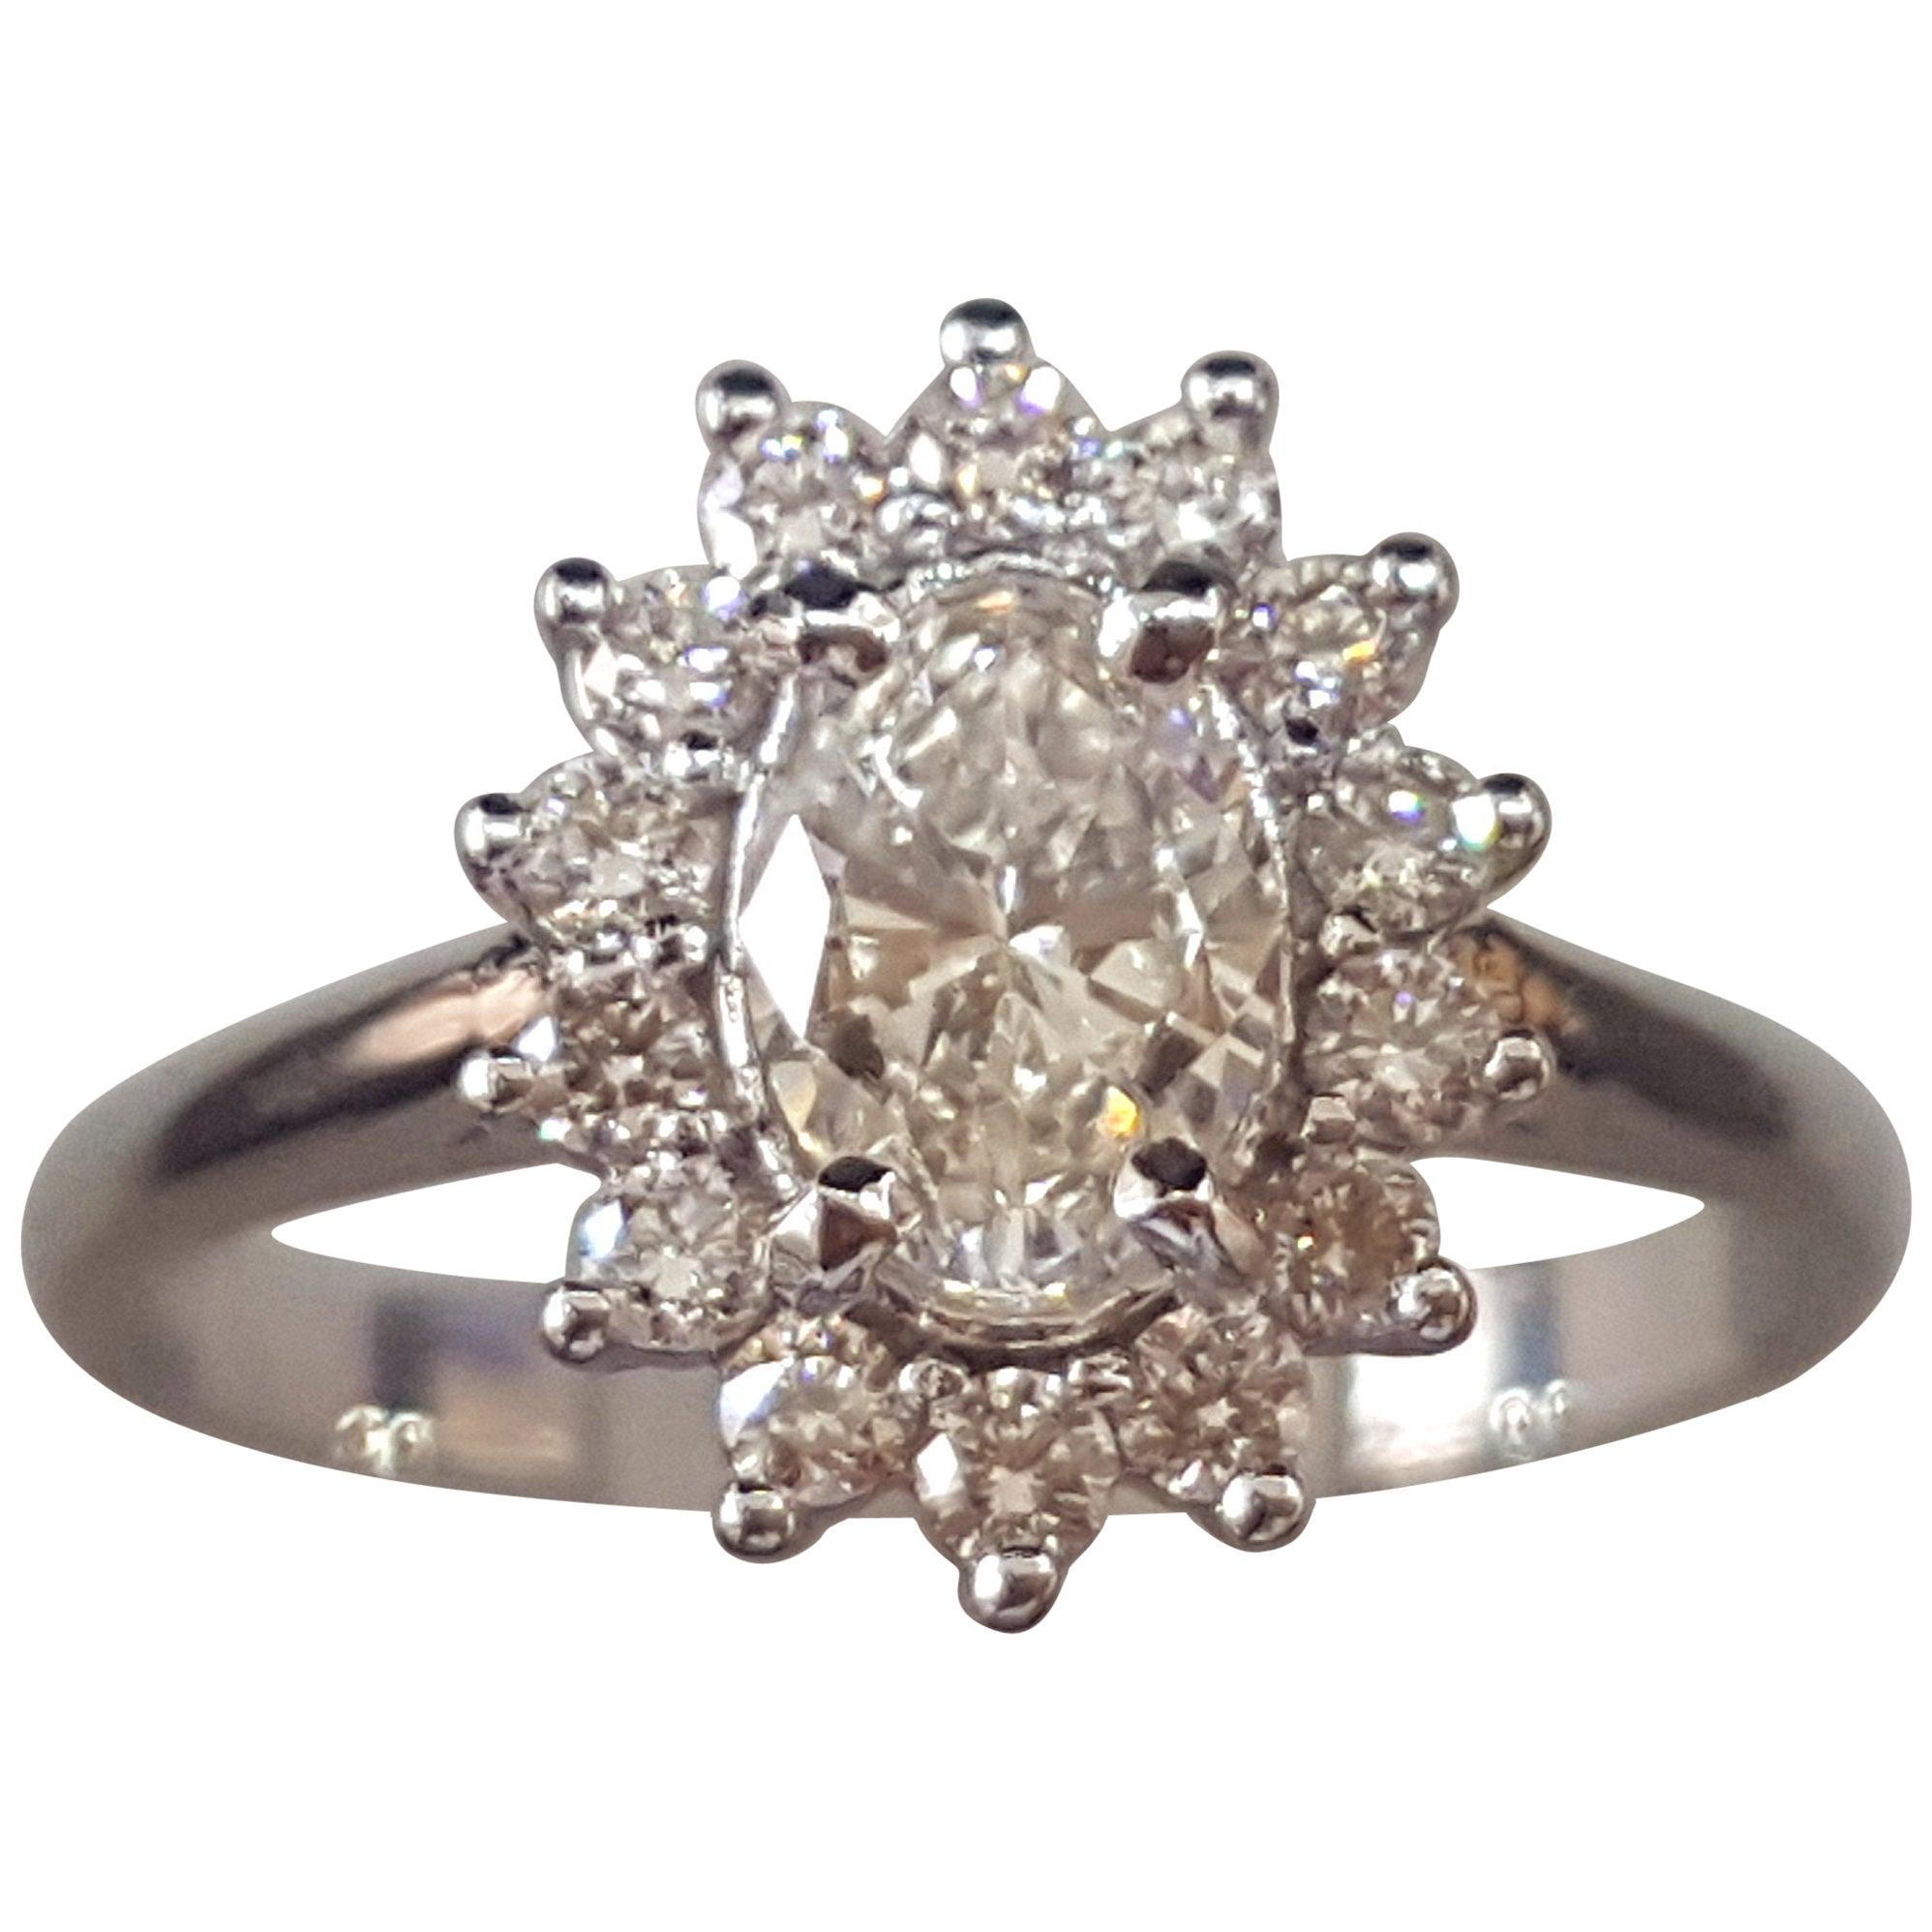 1 Carat 14 Karat White Gold Oval Diamond Engagement Ring, Halo Ring